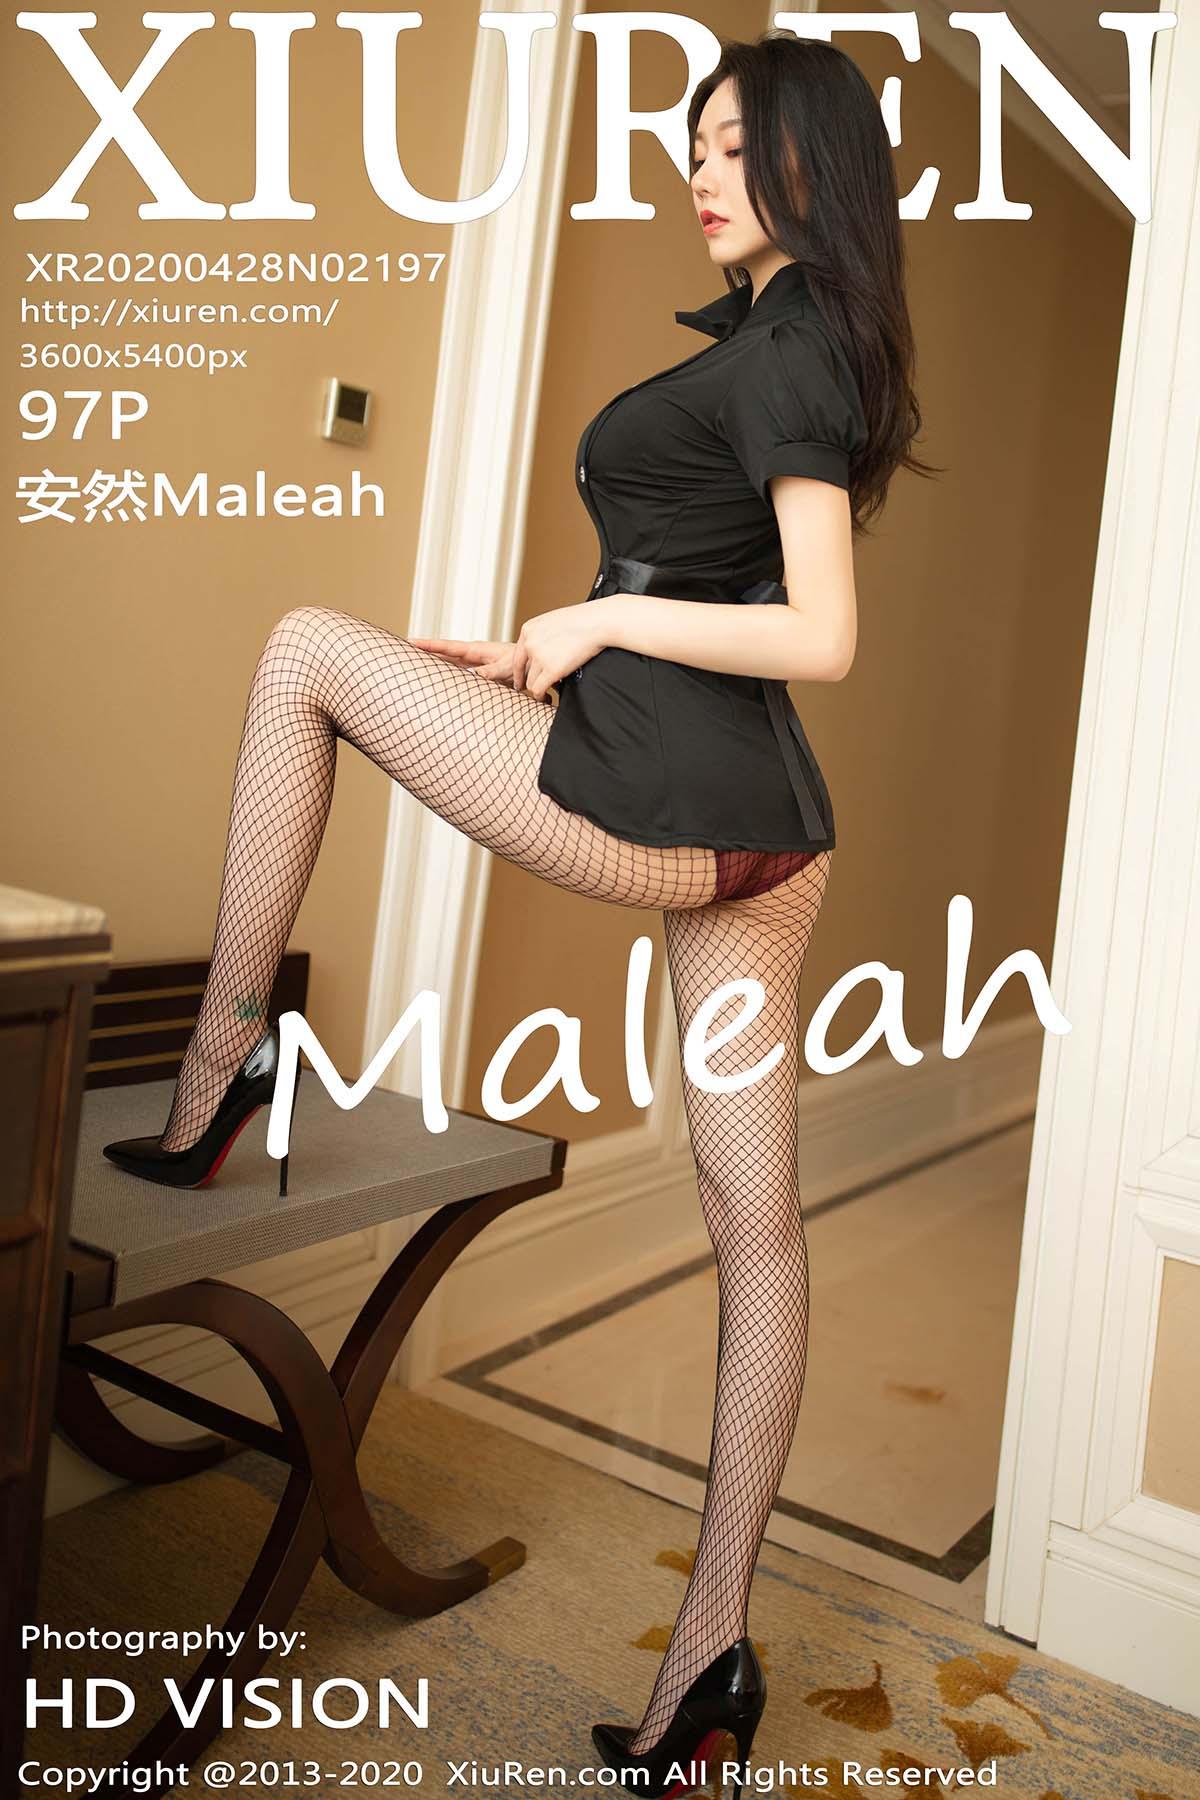 安然Maleah(Vol. 2197) 性感mm-第1张